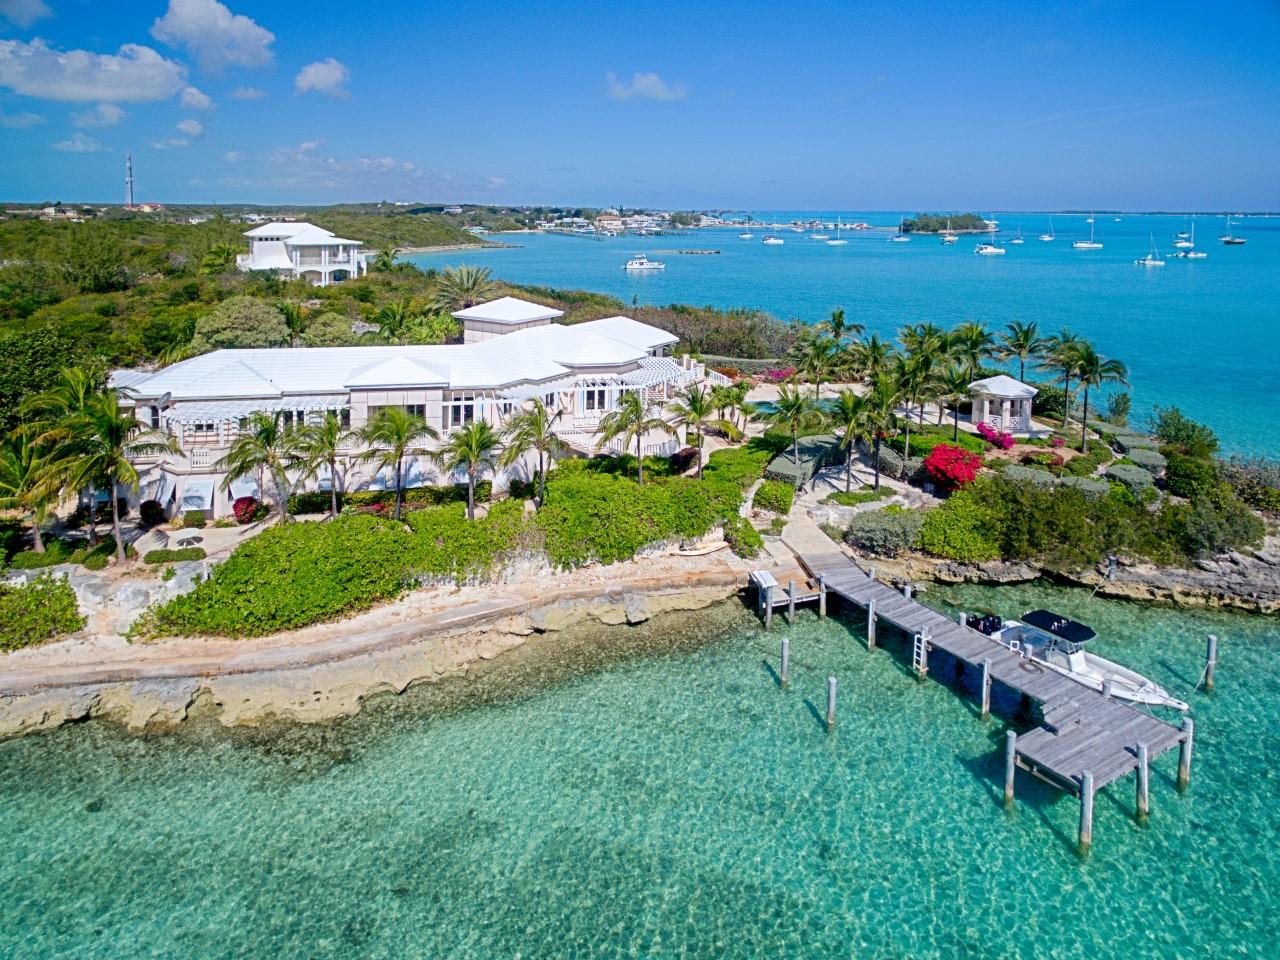 Bữa ăn nhớ đời ở quần đảo Bahamas - 8